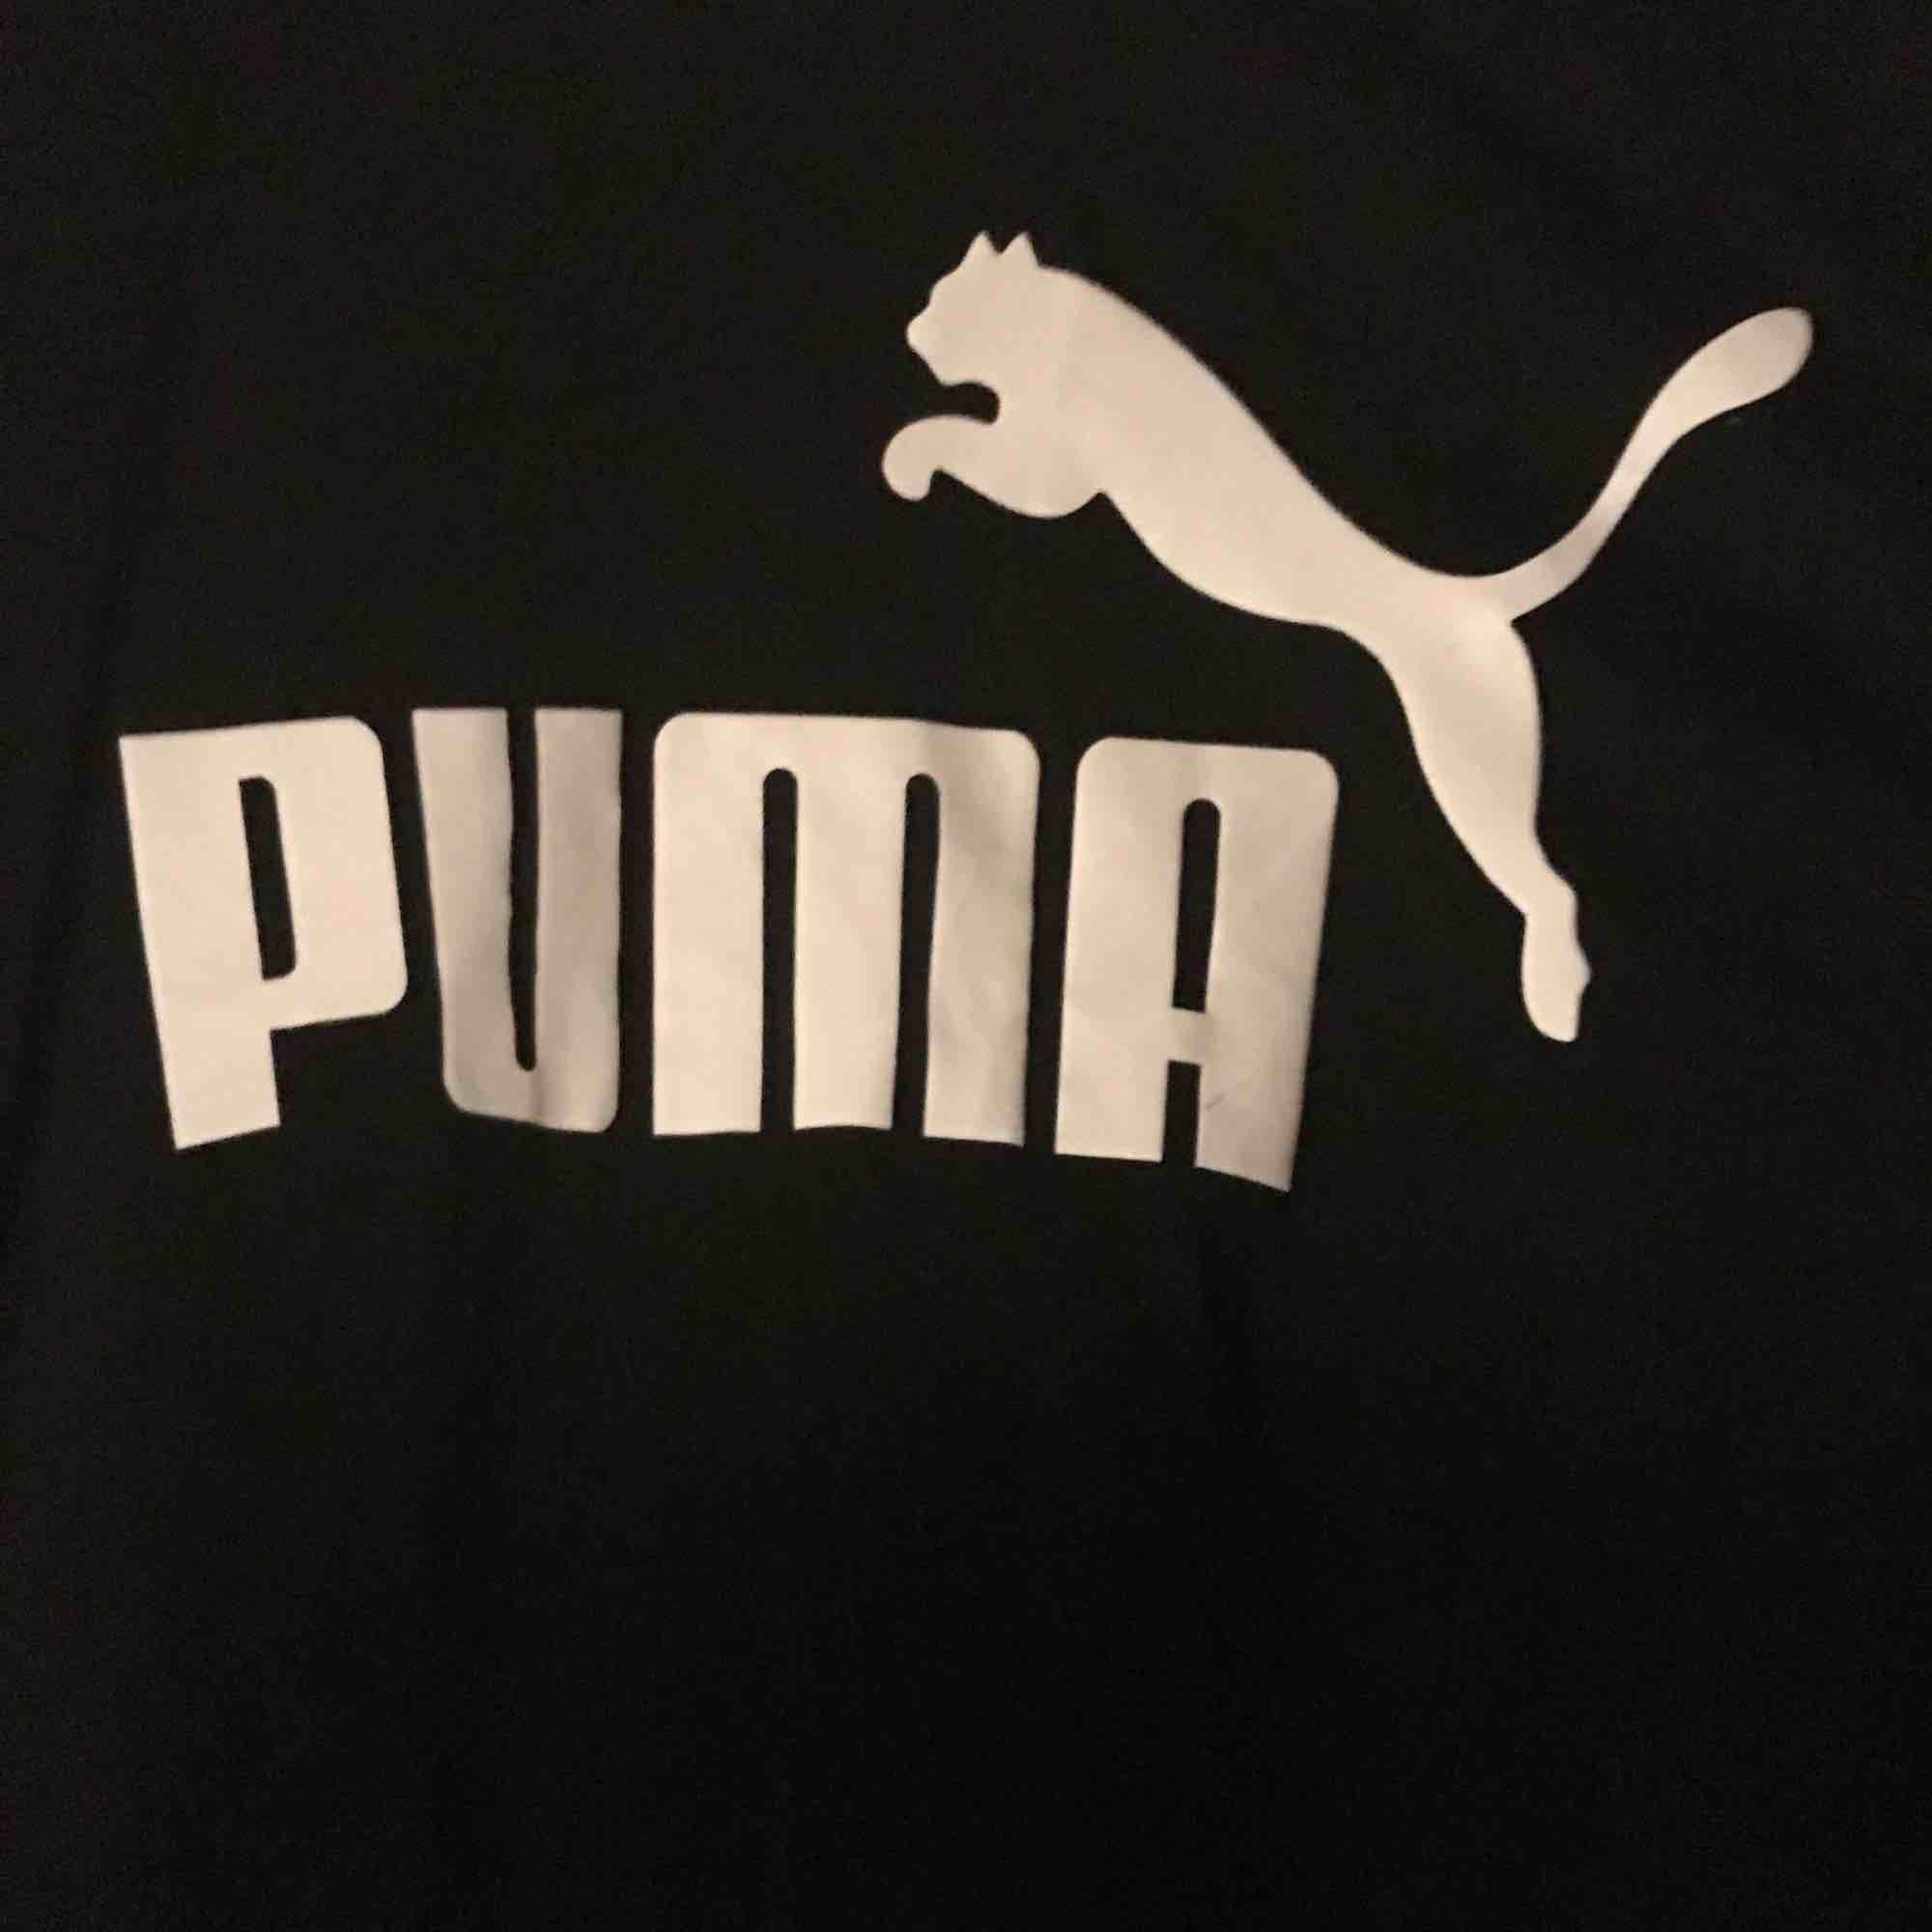 ☺️ hej och varmt välkommen jag säljer en helt Ny topp från Puma jag skickar allt per post dvs jag möter inte upp utan postar allt jag säljer i priset ingår frakten :) varmt välkommen åter ☺️. Toppar.